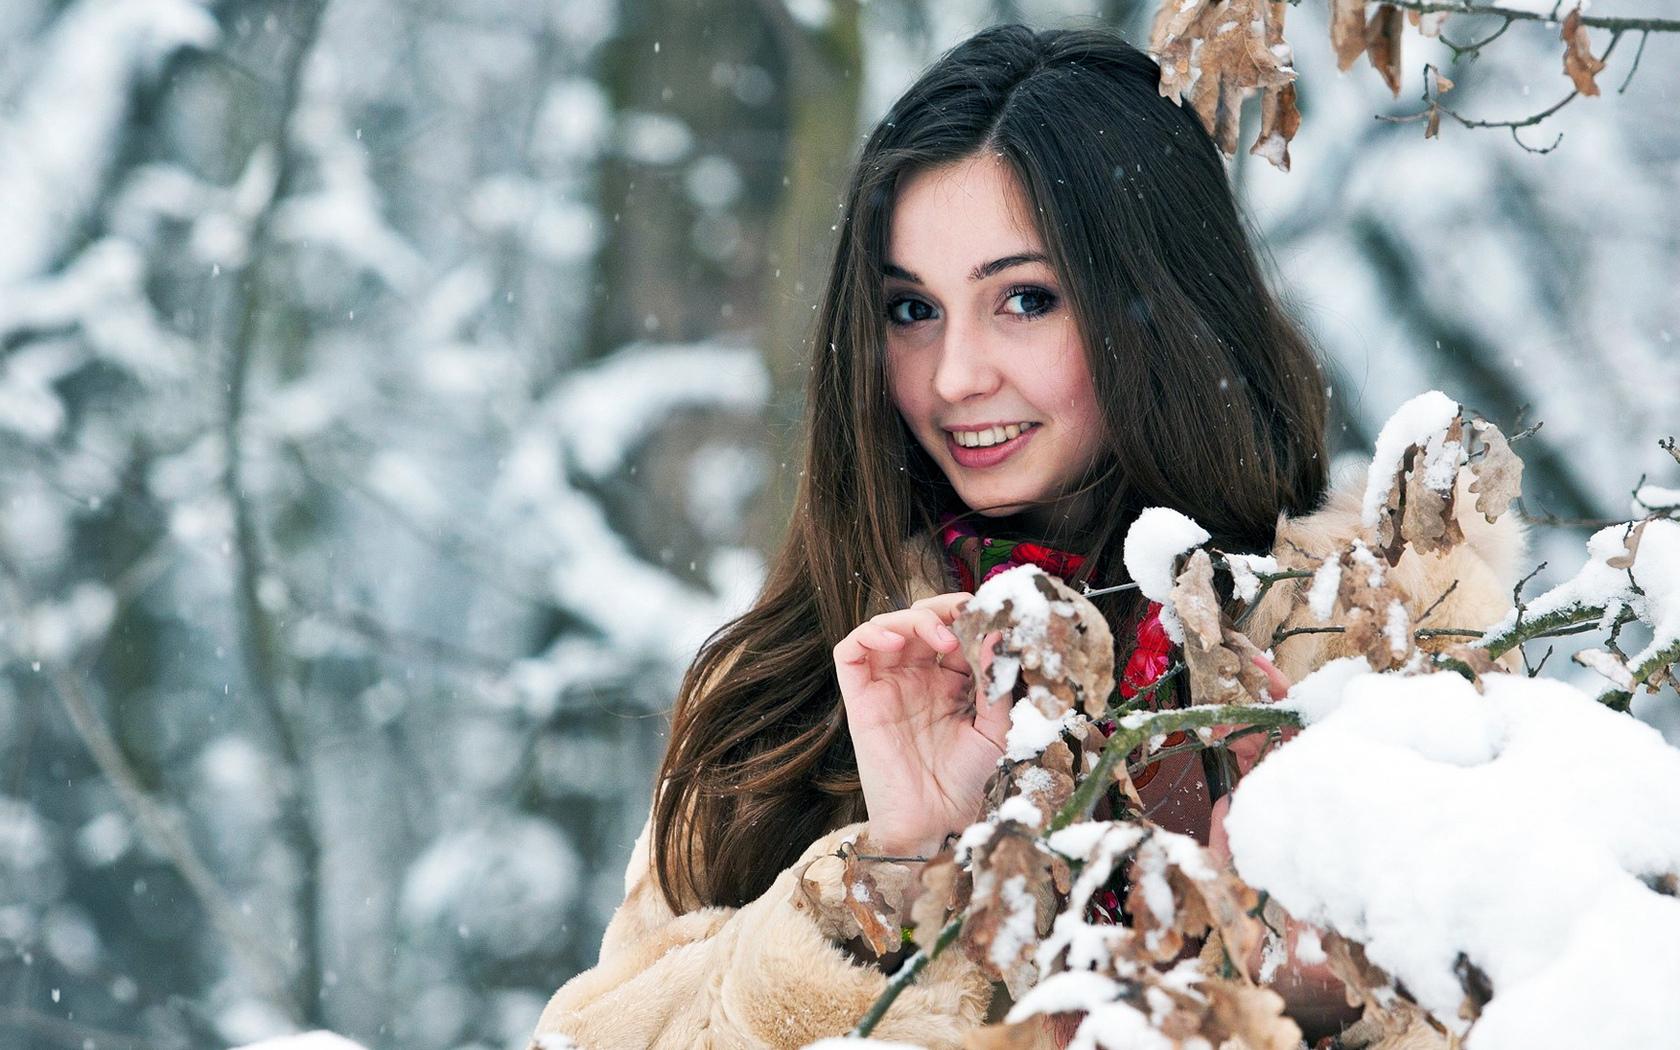 Картинки с девушкой и снегом